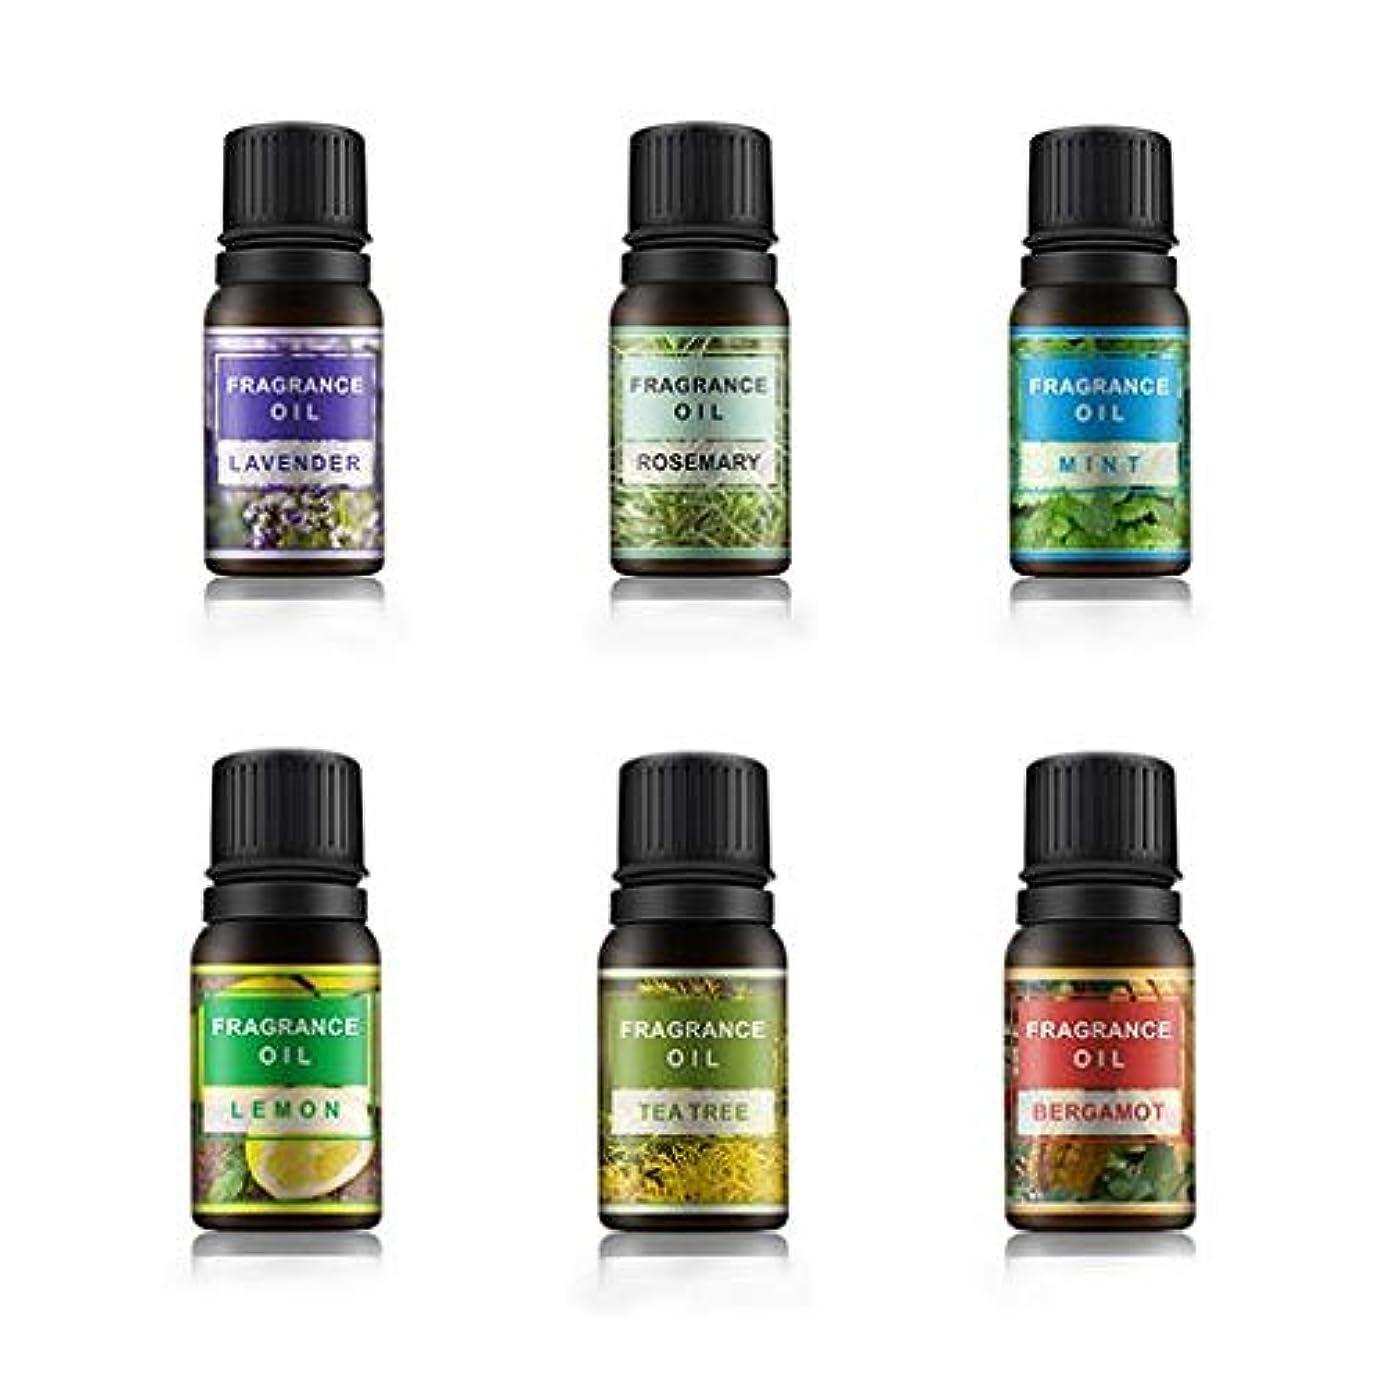 静める数名前Lioncorek エッセンシャルオイル オイル アロマオイル 精油 水溶性 ナチュラル フレグランス 100%純粋 有機植物 加湿器用 6種の香りセット